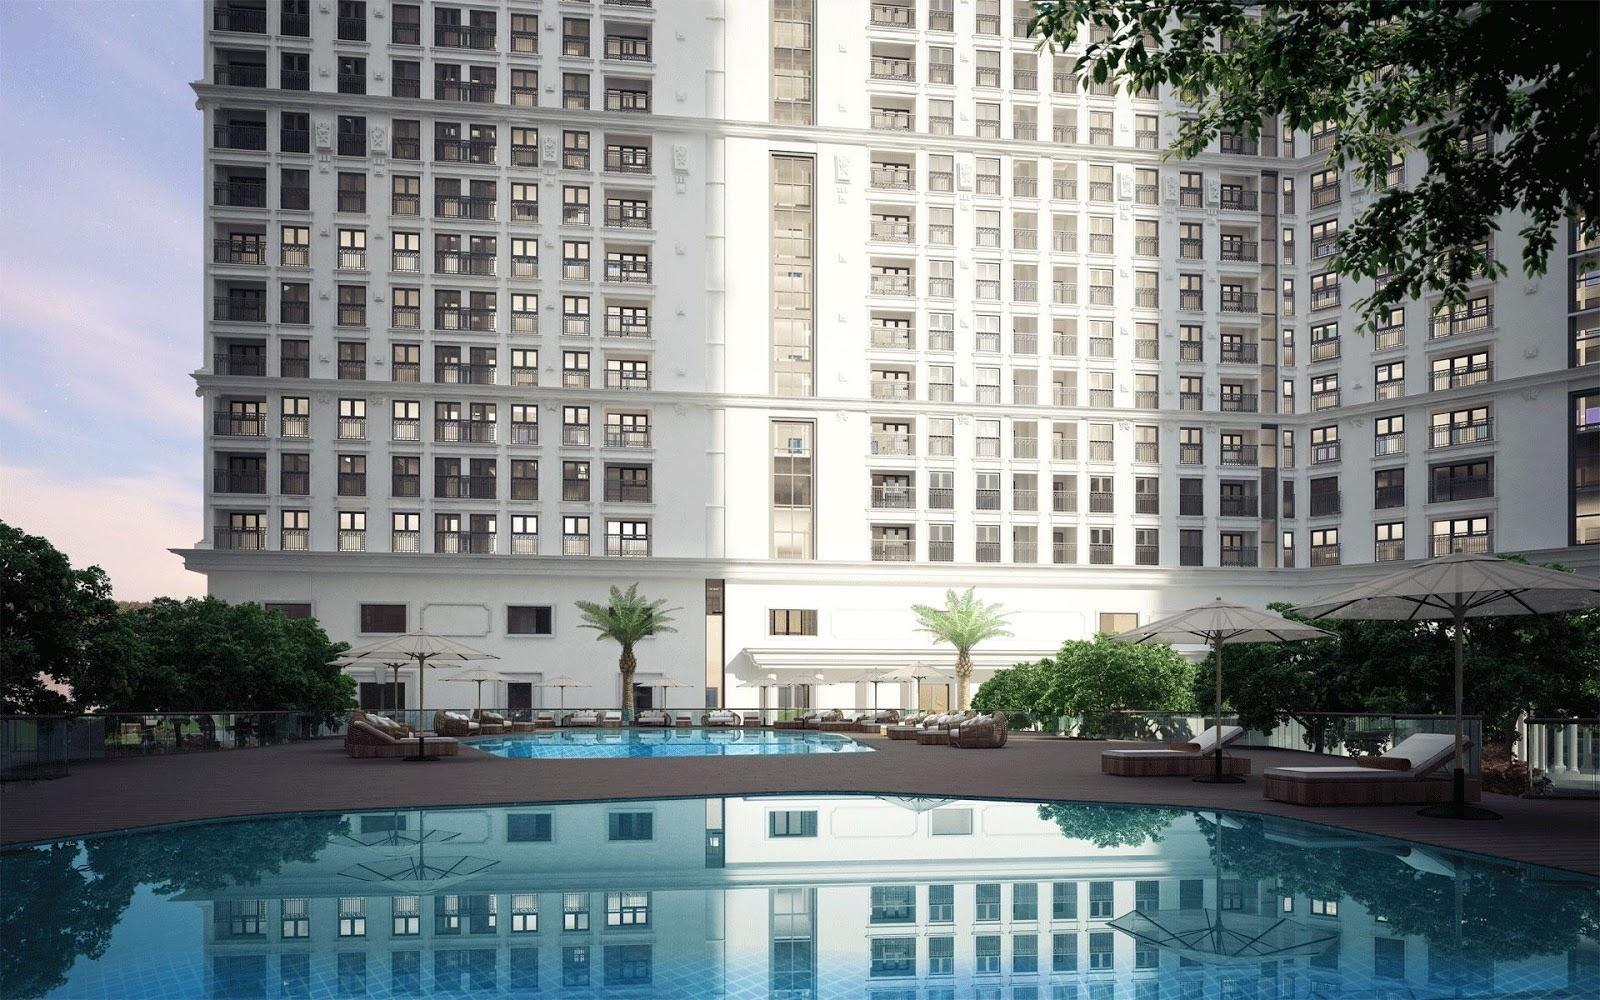 Góc nhìn dự án The Emerald Mỹ Đình từ bể bơi